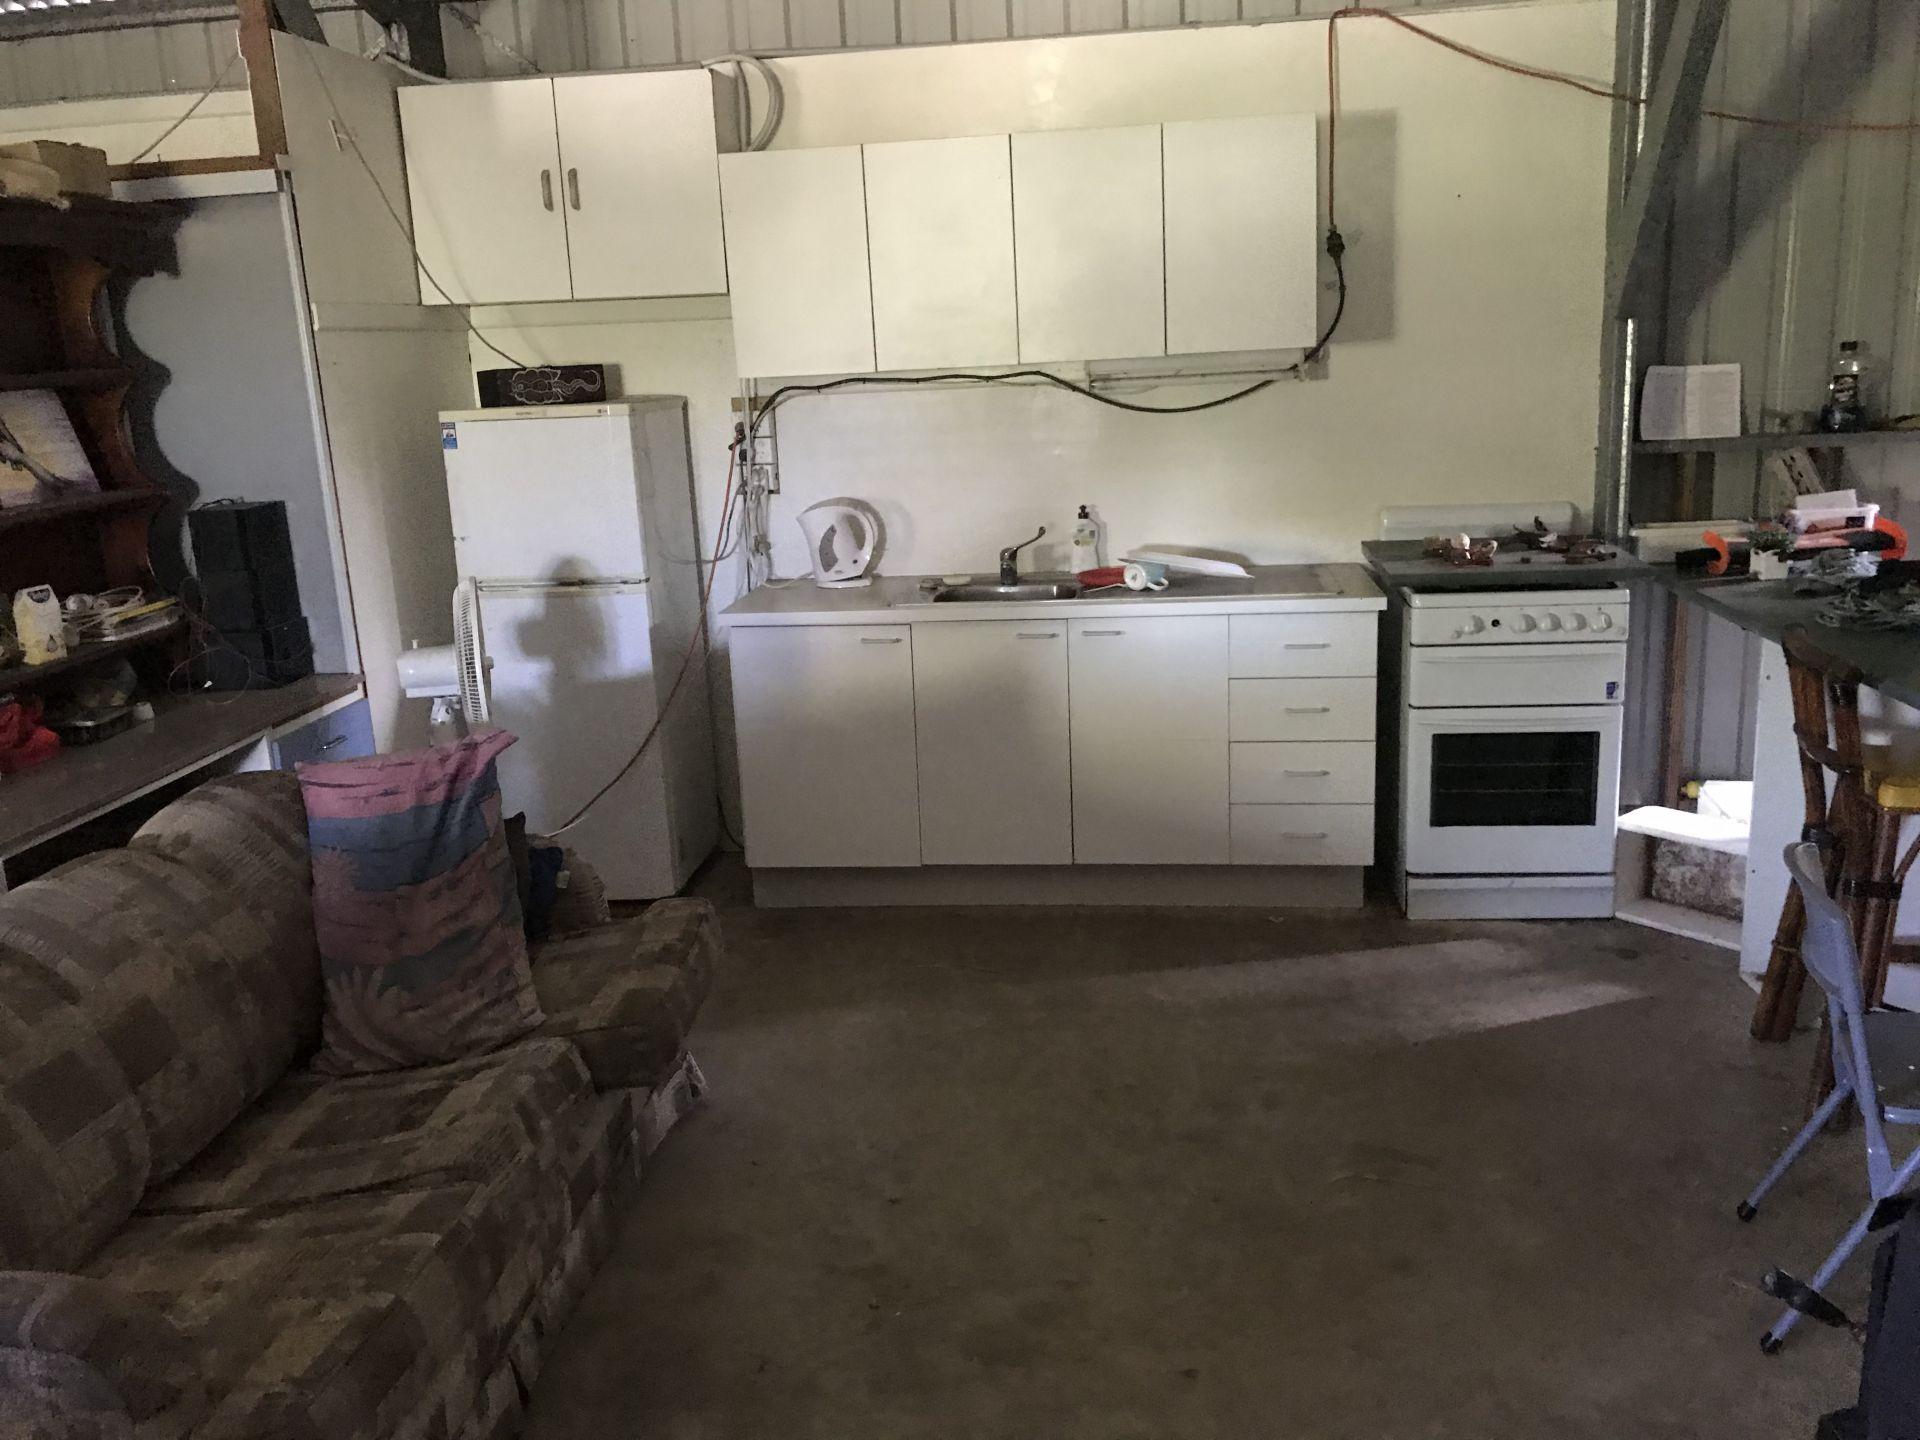 COOLOOLA COVE, QLD 4580